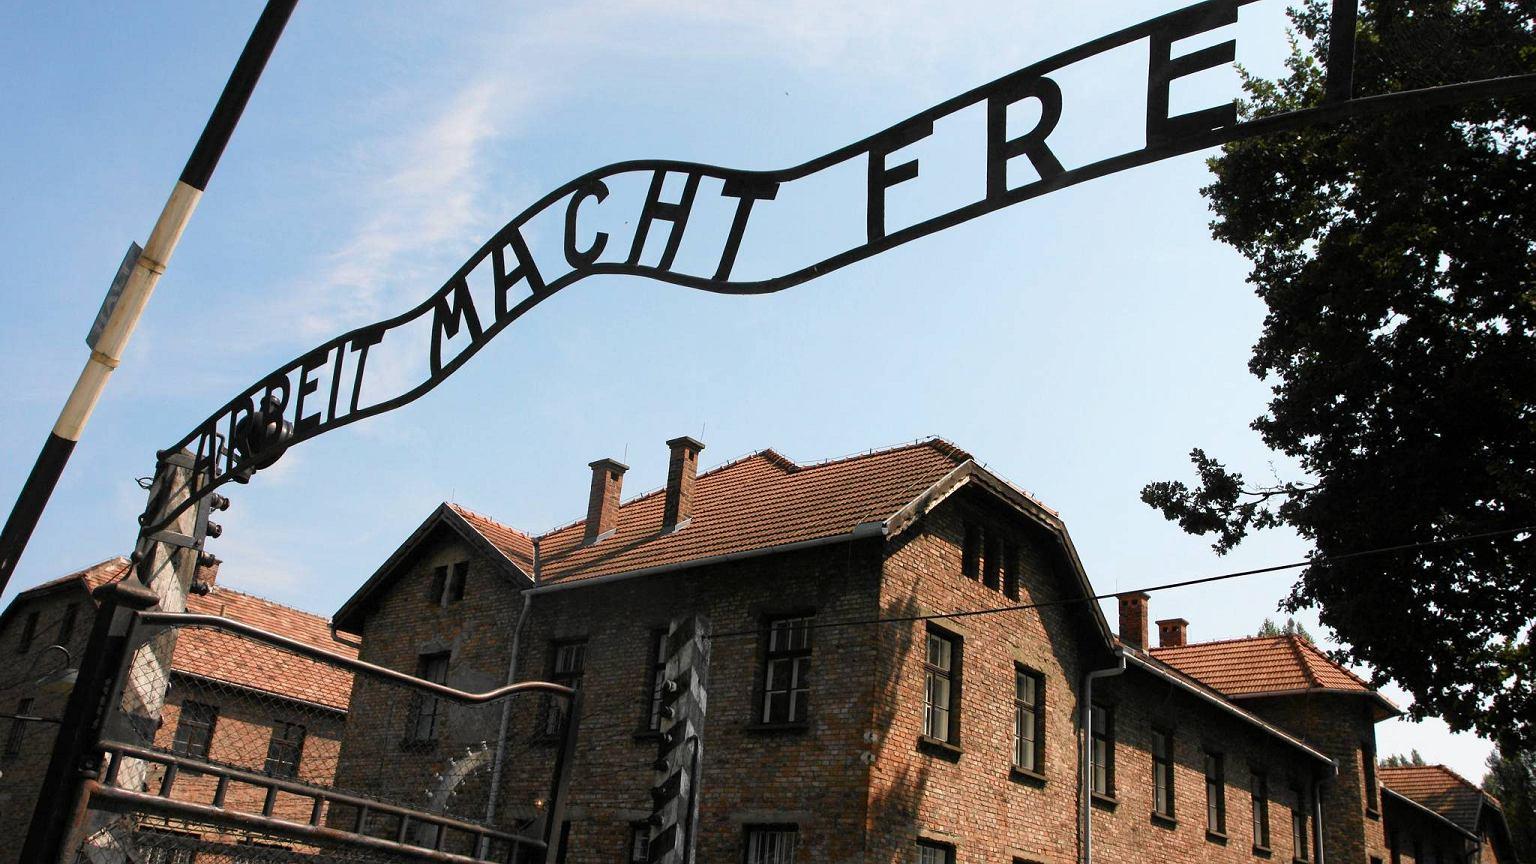 Powieść o miłości silniejszej niż śmierć - historia tatuażysty z Auschwitz [RECENZJA]